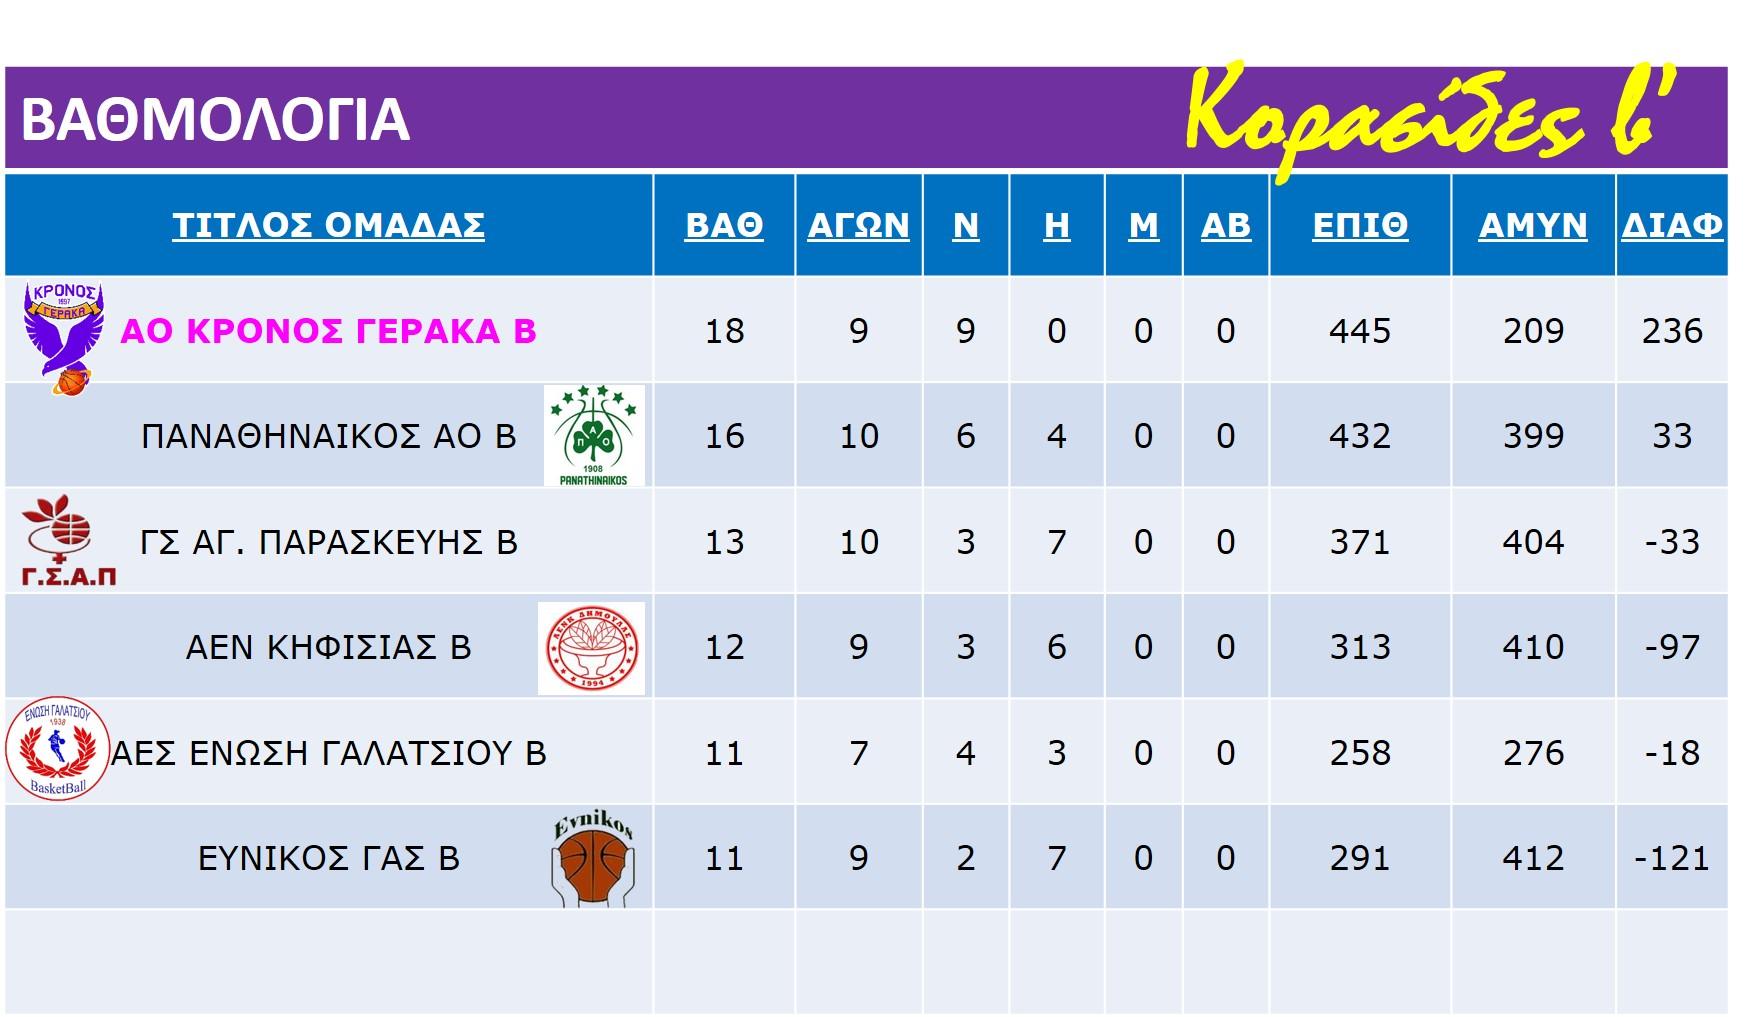 Korasides_B_Rank_Table_14